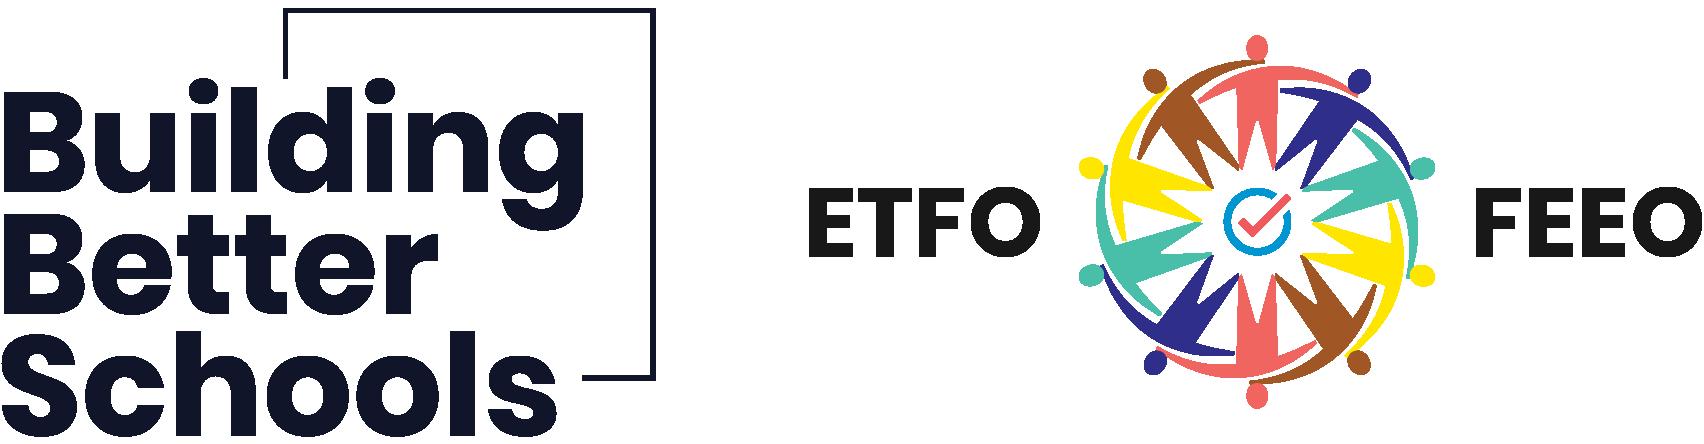 Building Better Schools | ETFO